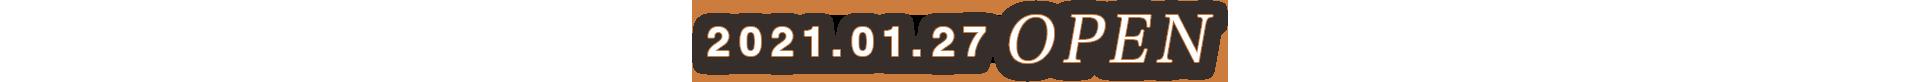 2021.01.27 OPEN